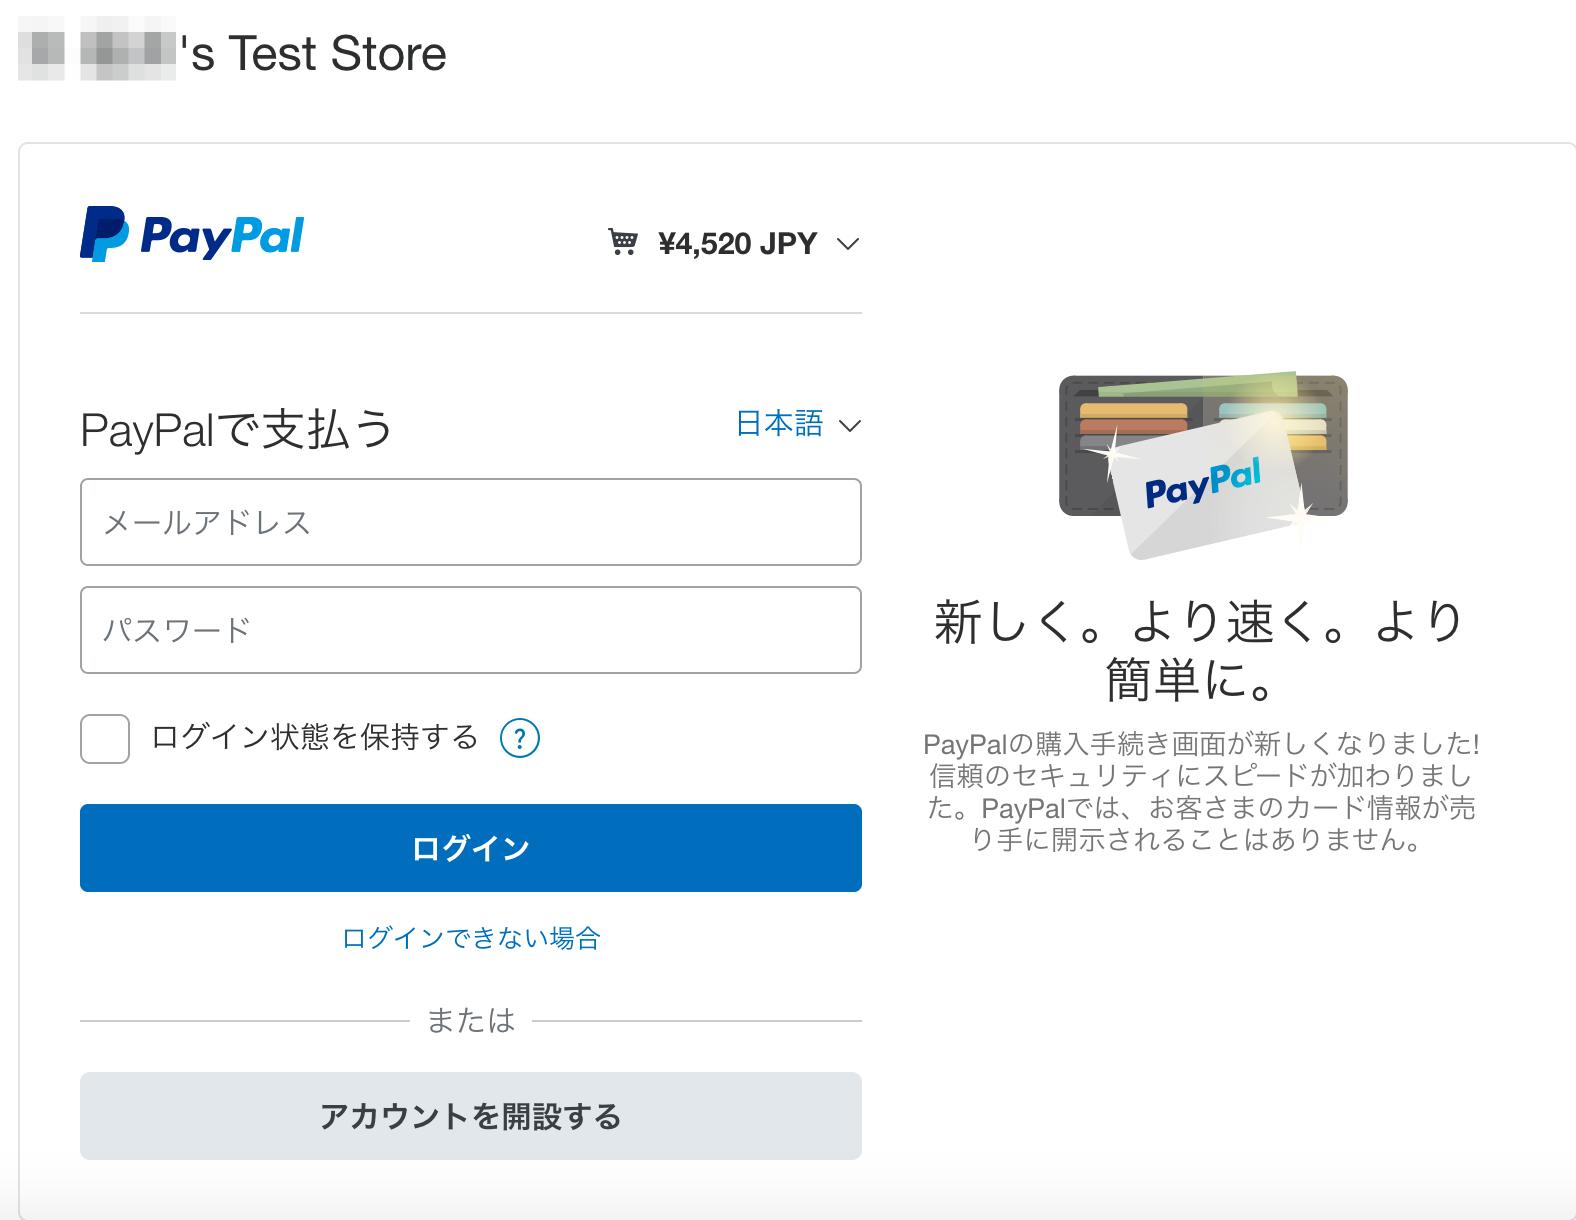 paypal_sandbox_button_3_9_1